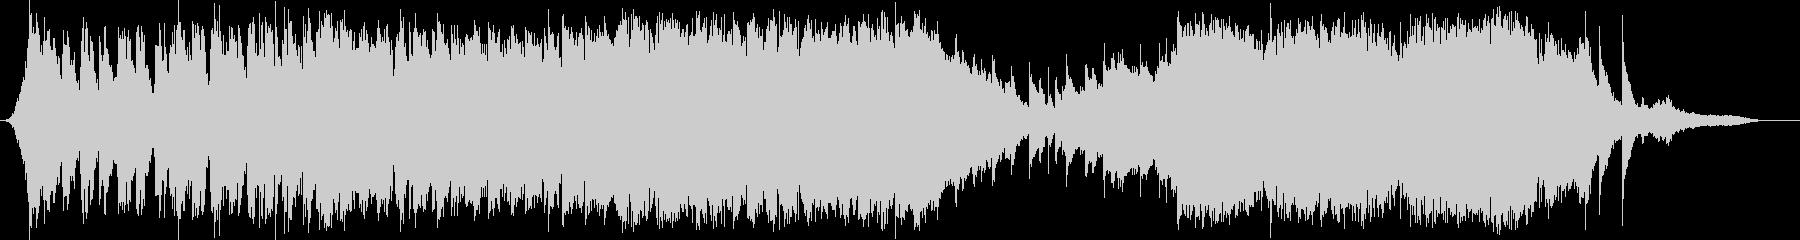 ポストアポカリプスを表現したオーケストラの未再生の波形